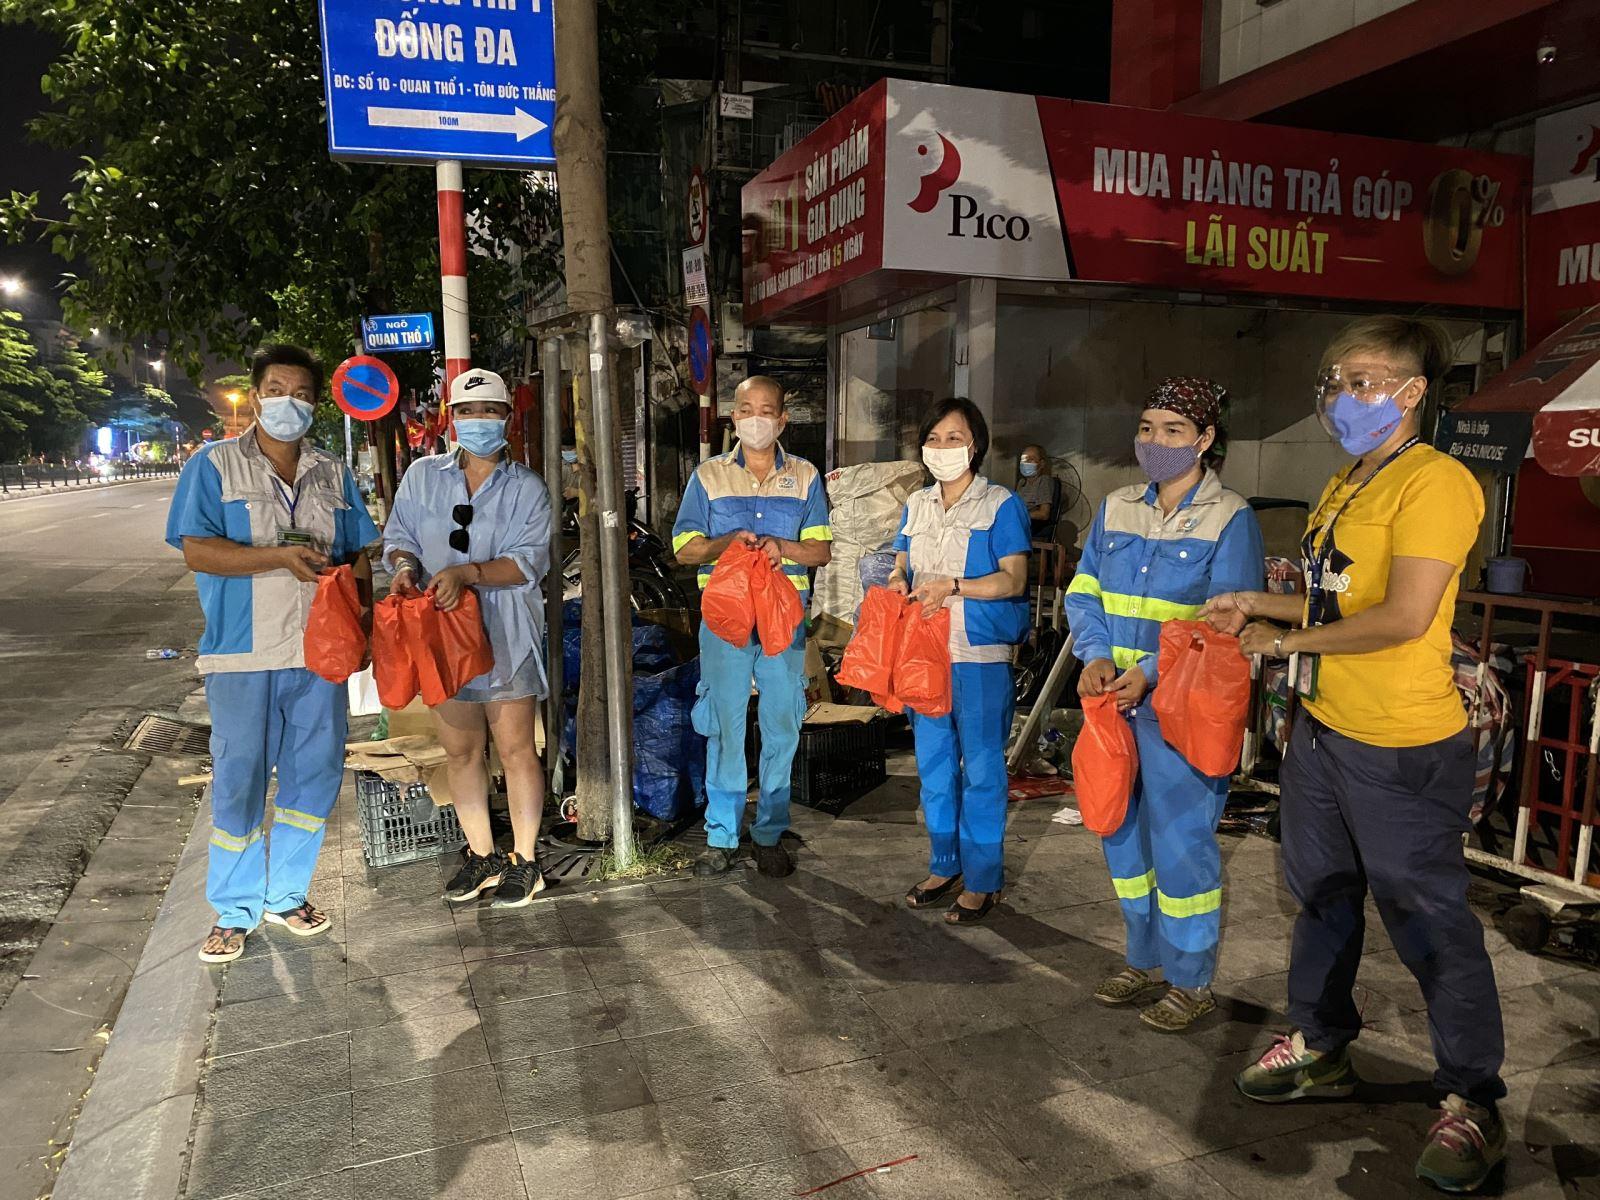 [Hình ảnh]  Sự động viên đúng lúc đã xua tan nỗi vất vả, mệt nhọc của những người công nhân đang ngày đêm làn sạch, đẹp thành phố.